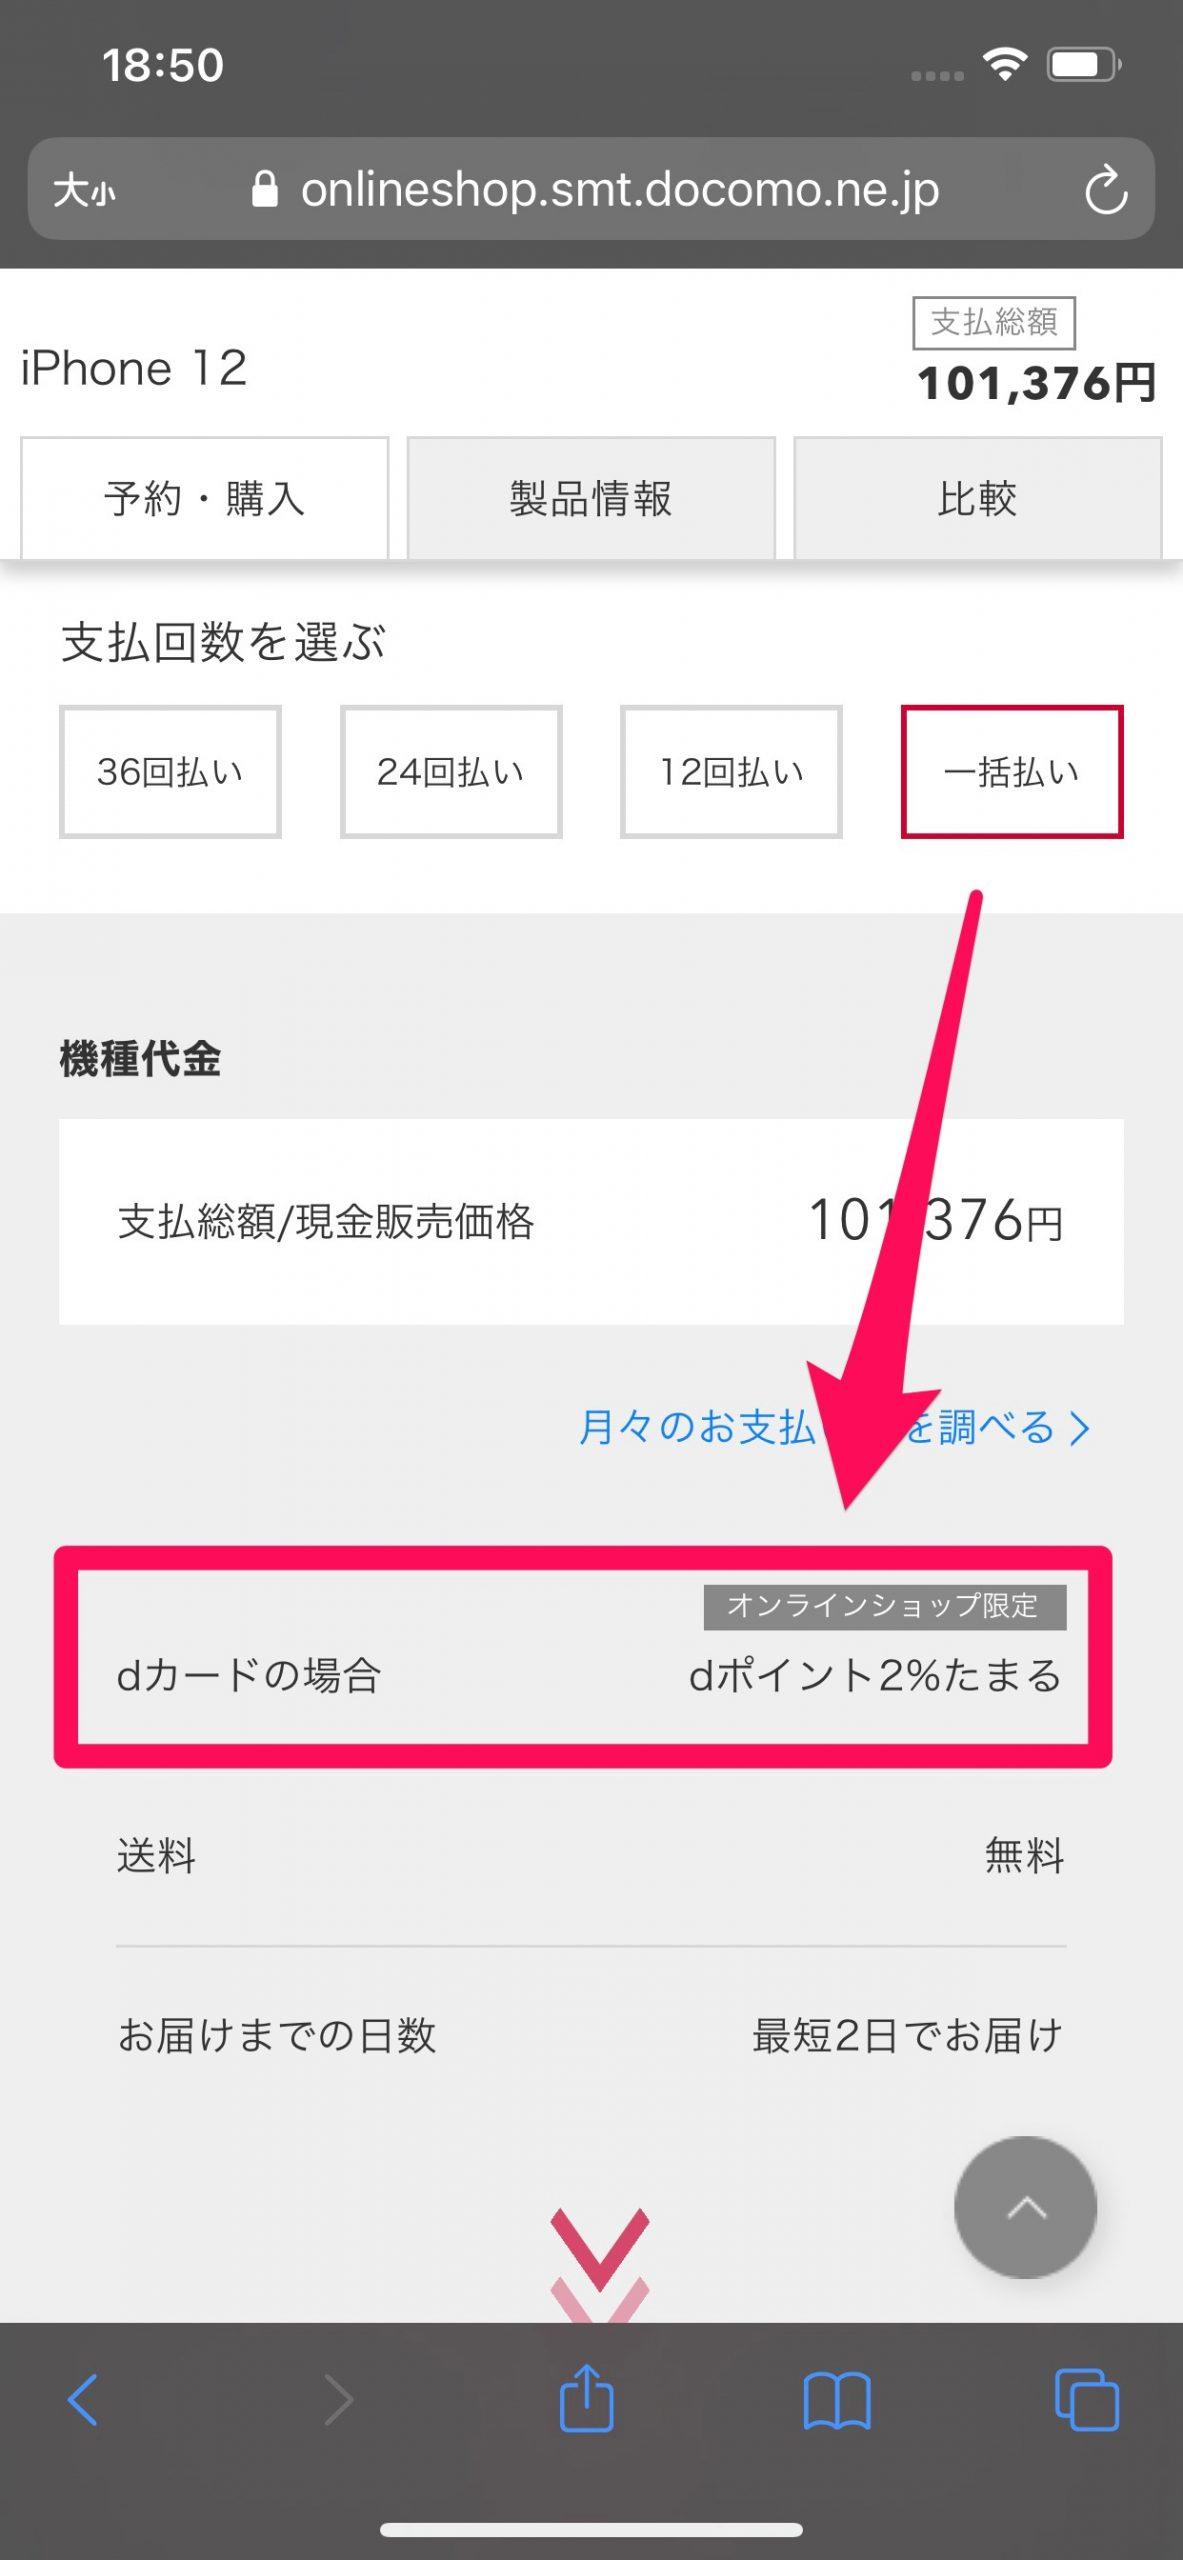 ドコモのiPhone 12購入画面5